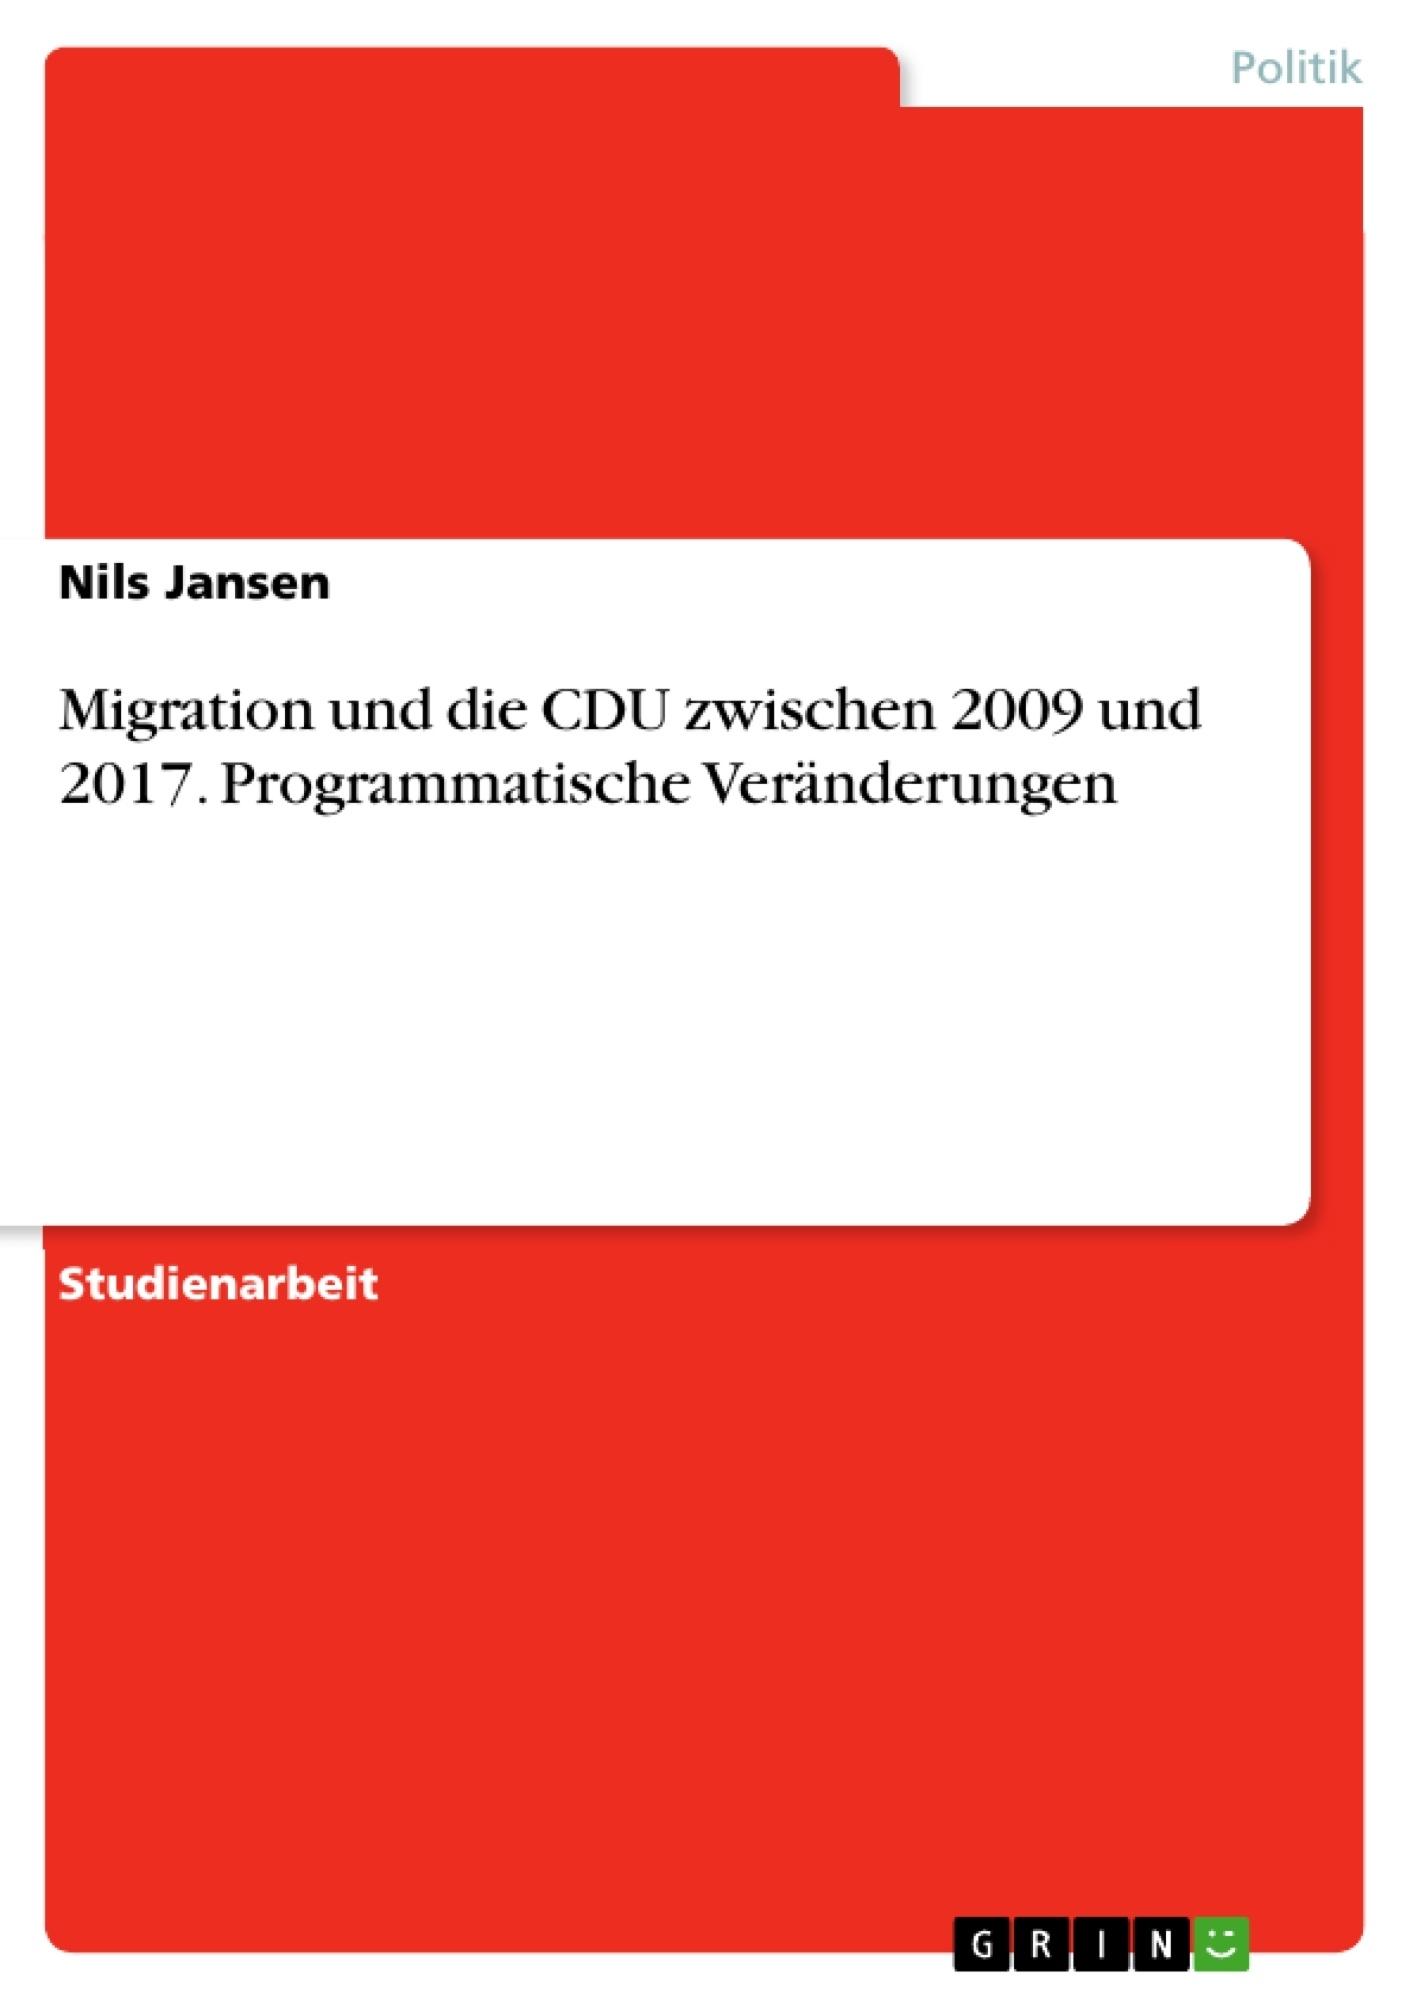 Titel: Migration und die CDU zwischen 2009 und 2017. Programmatische Veränderungen